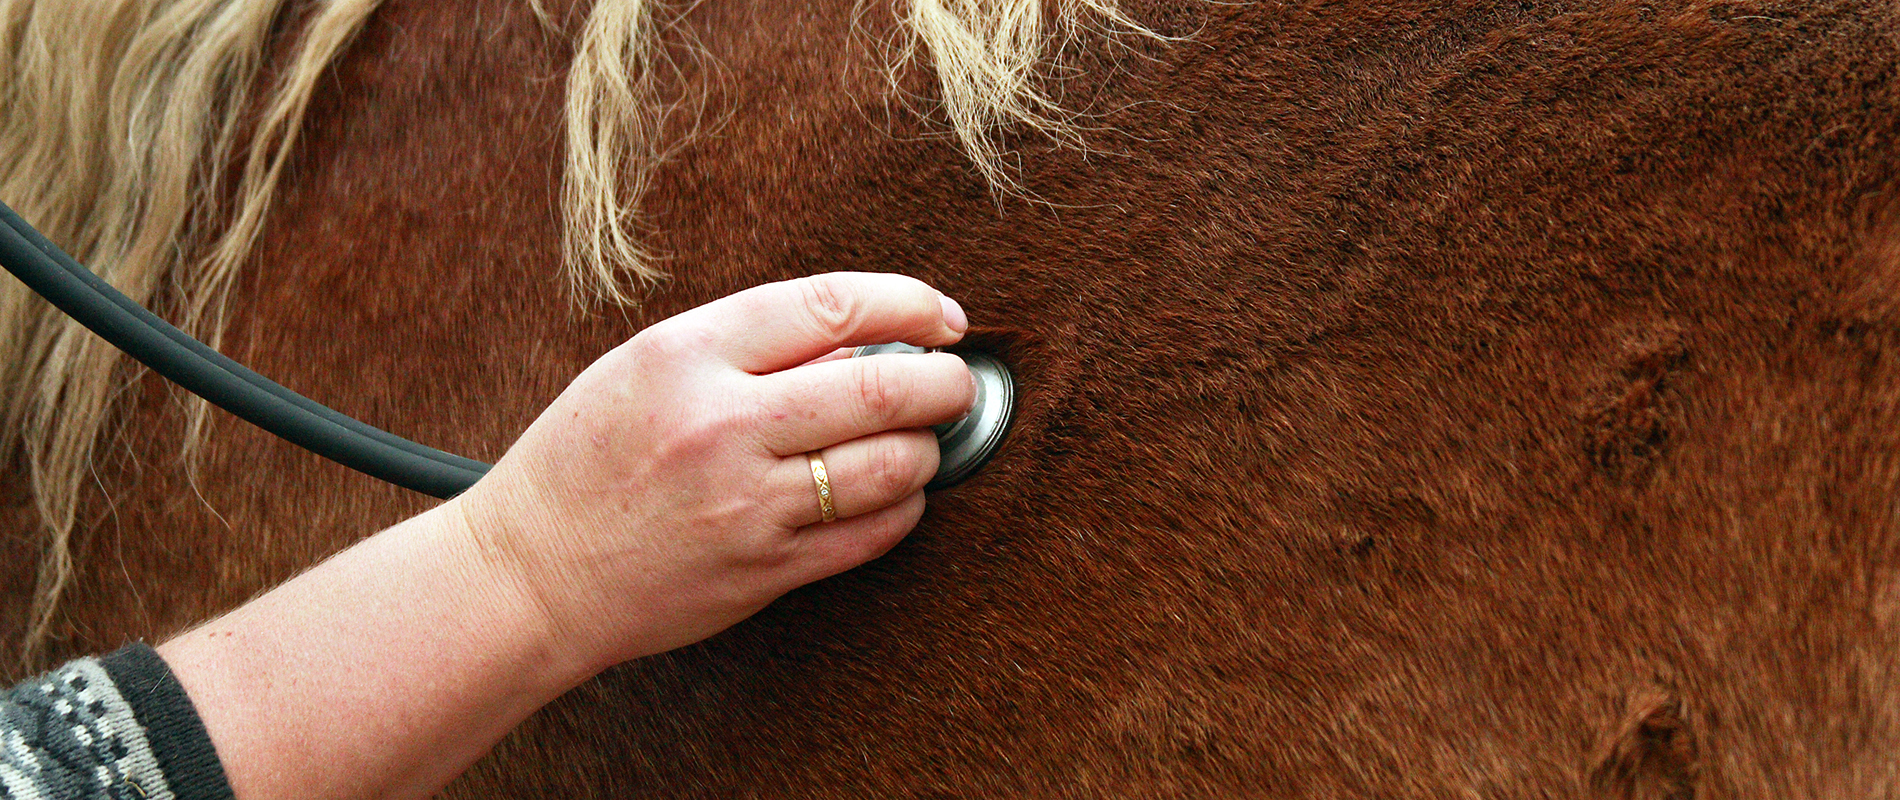 vétérinaire auscultant un cheval